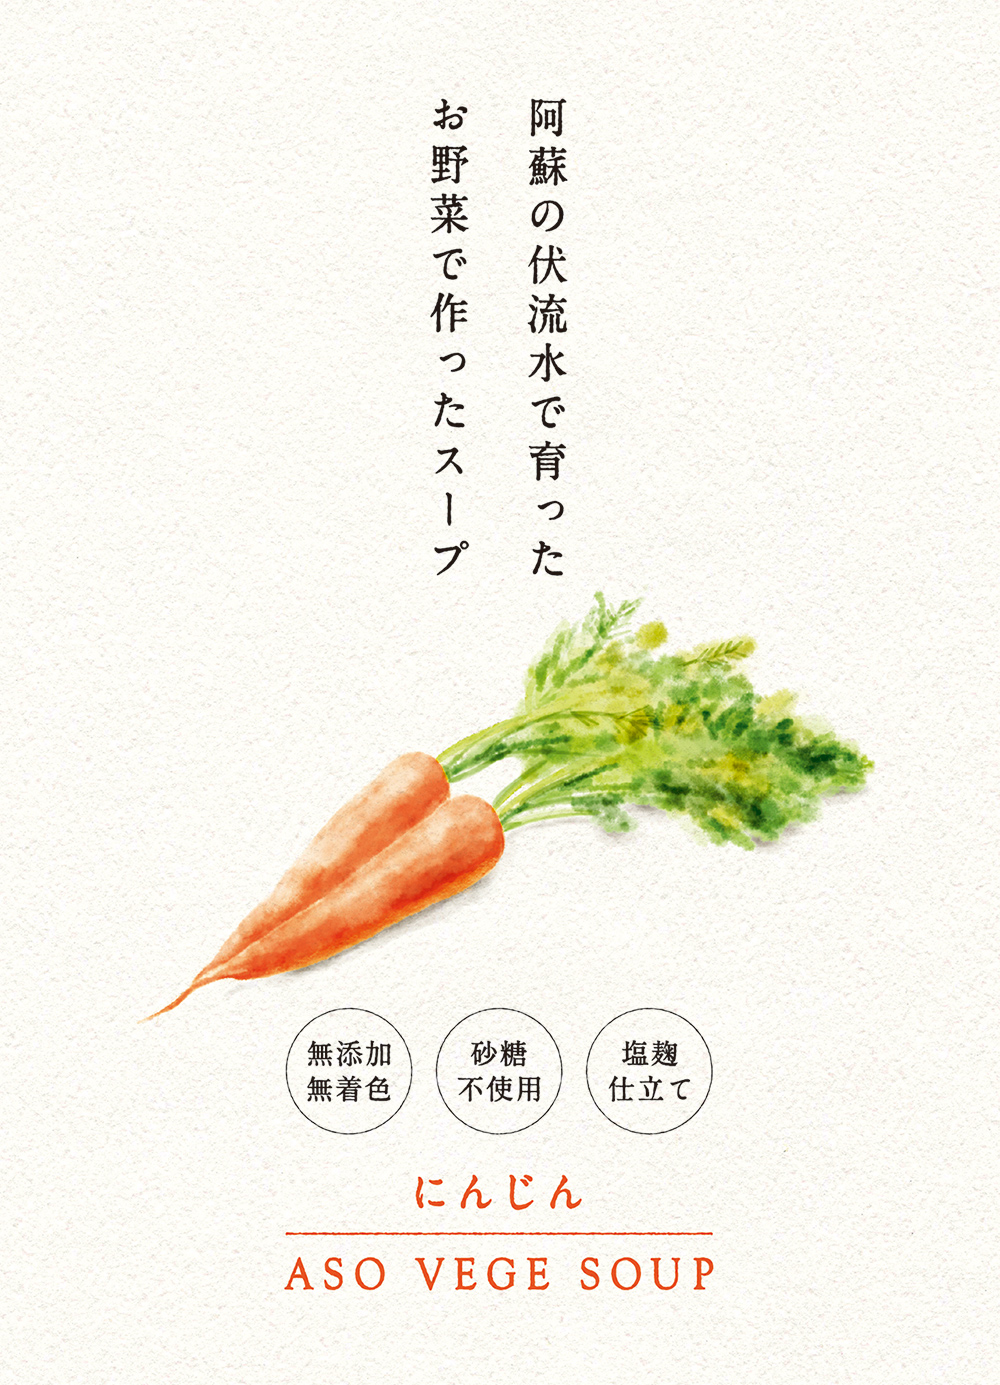 イラスト制作|野菜スープパッケージ